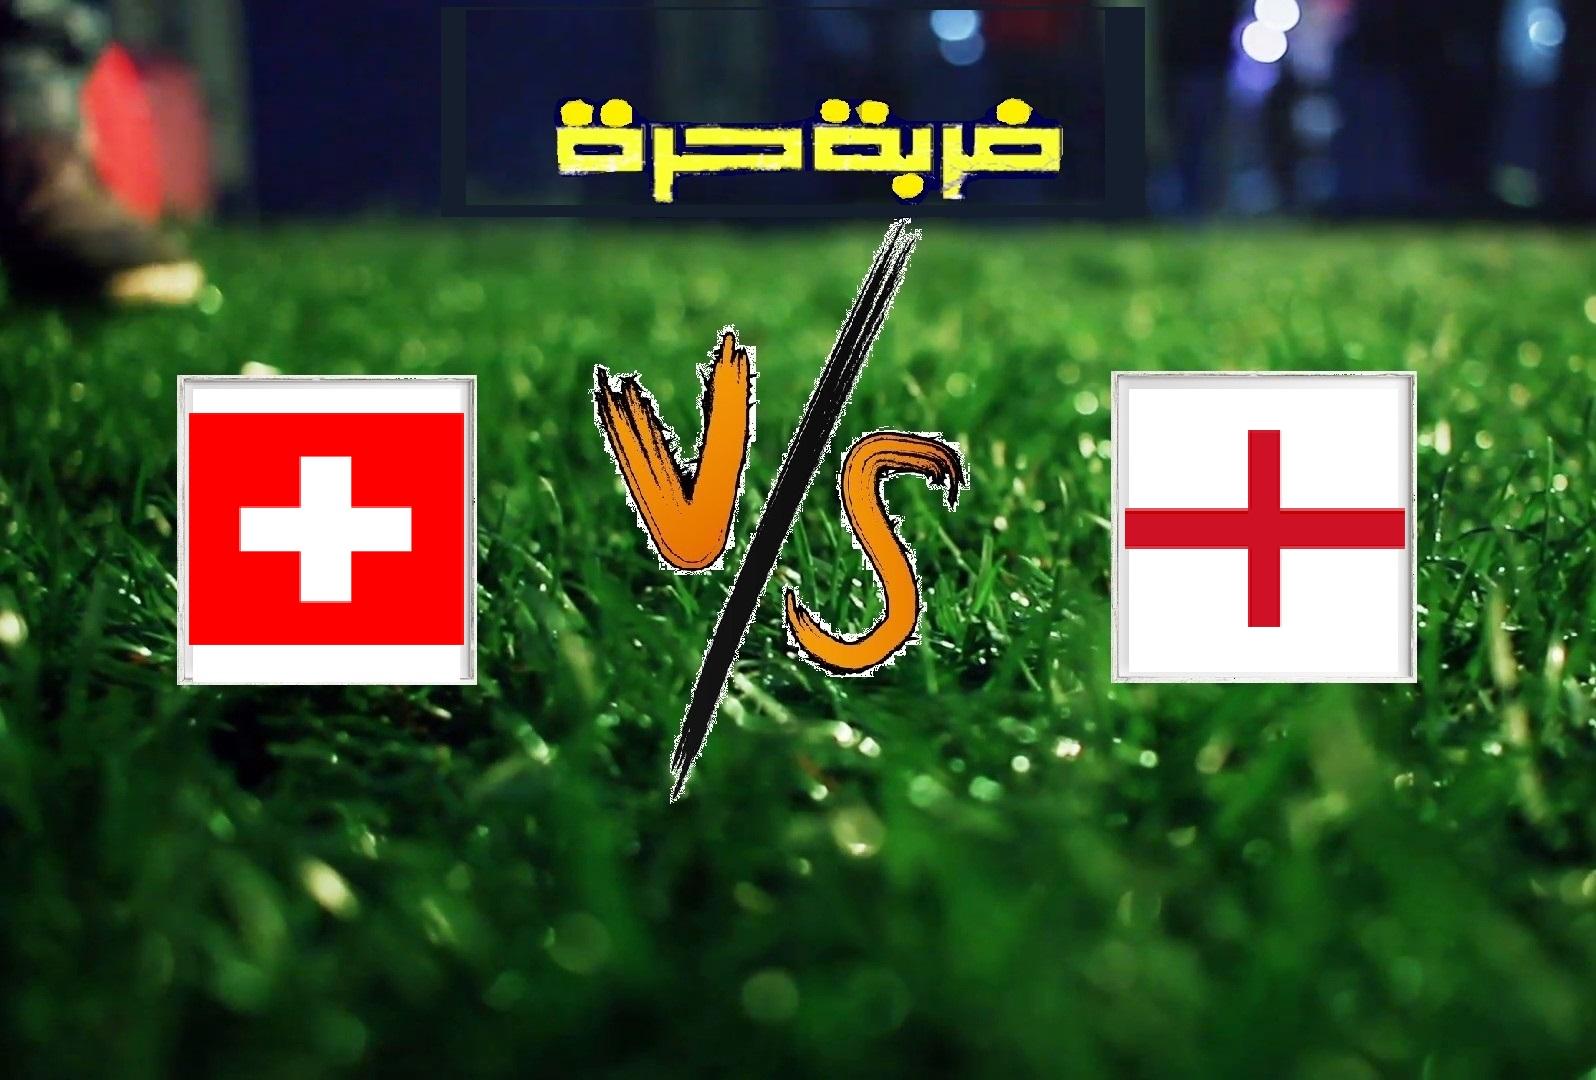 نتيجة مباراة انجلترا وسويسرا اليوم الاحد بتاريخ 09-06-2019 دوري الأمم الأوروبية